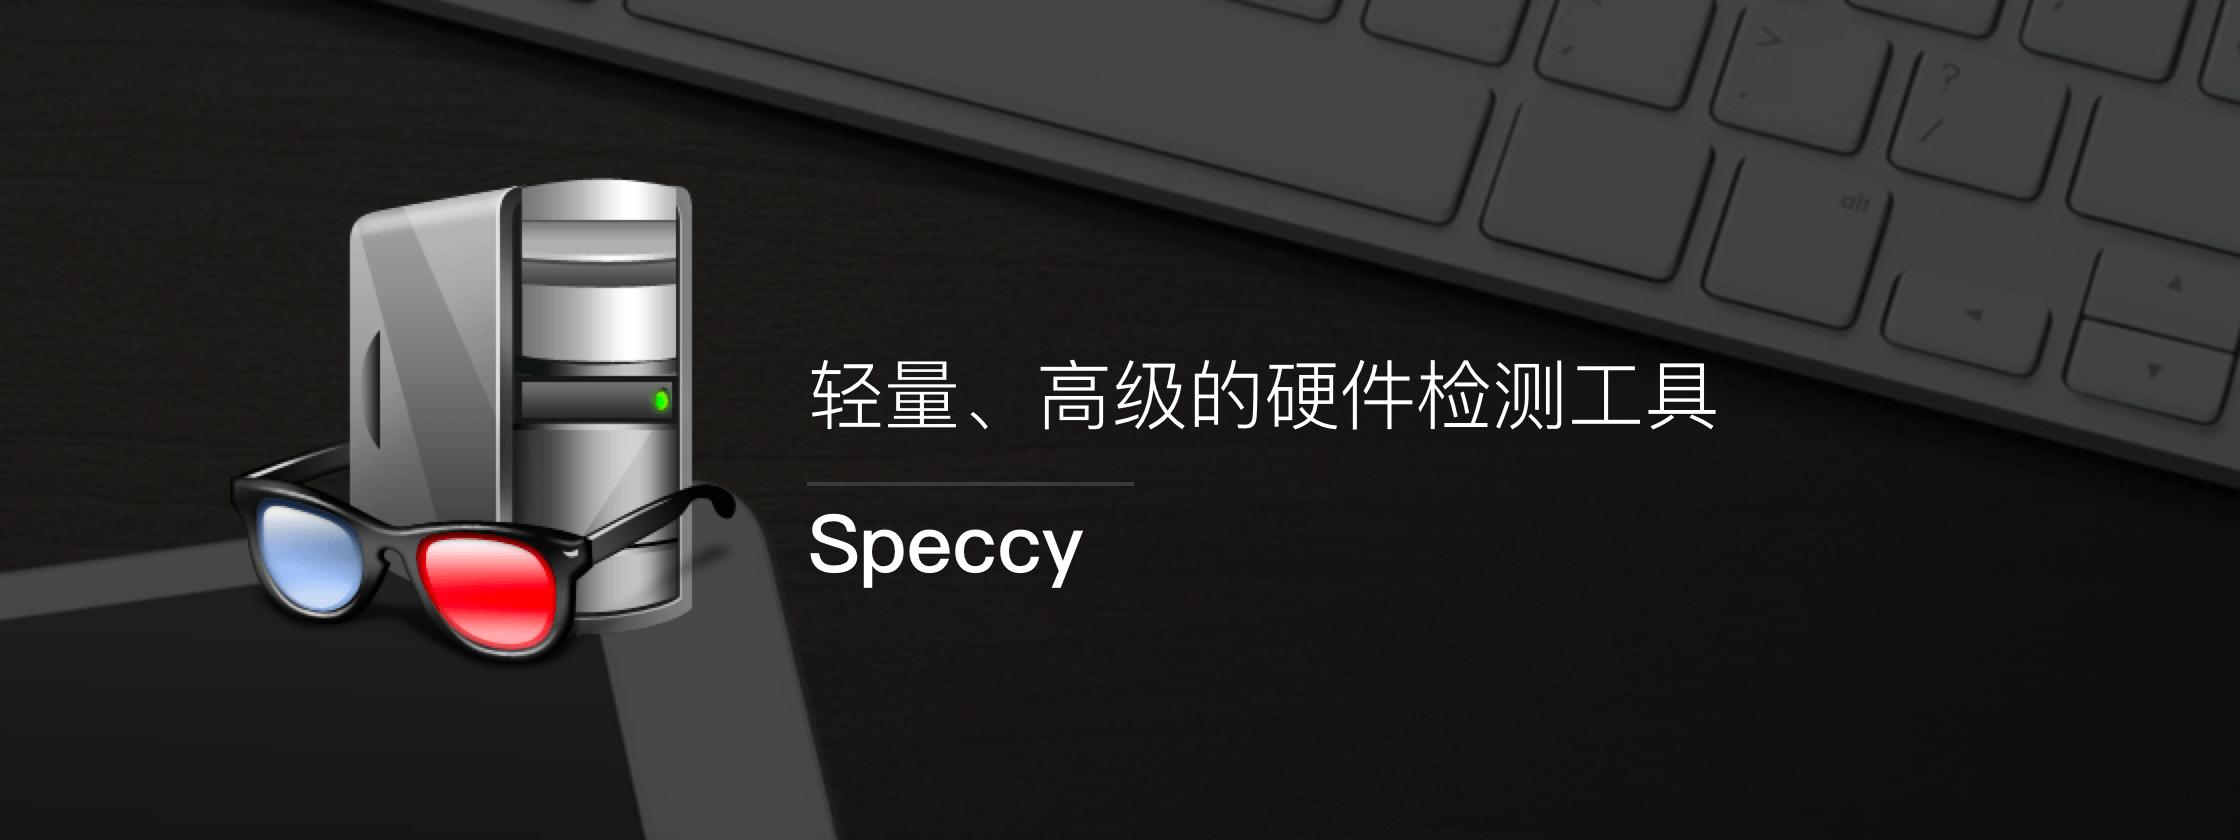 Speccy – 轻量、高级的硬件检测工具